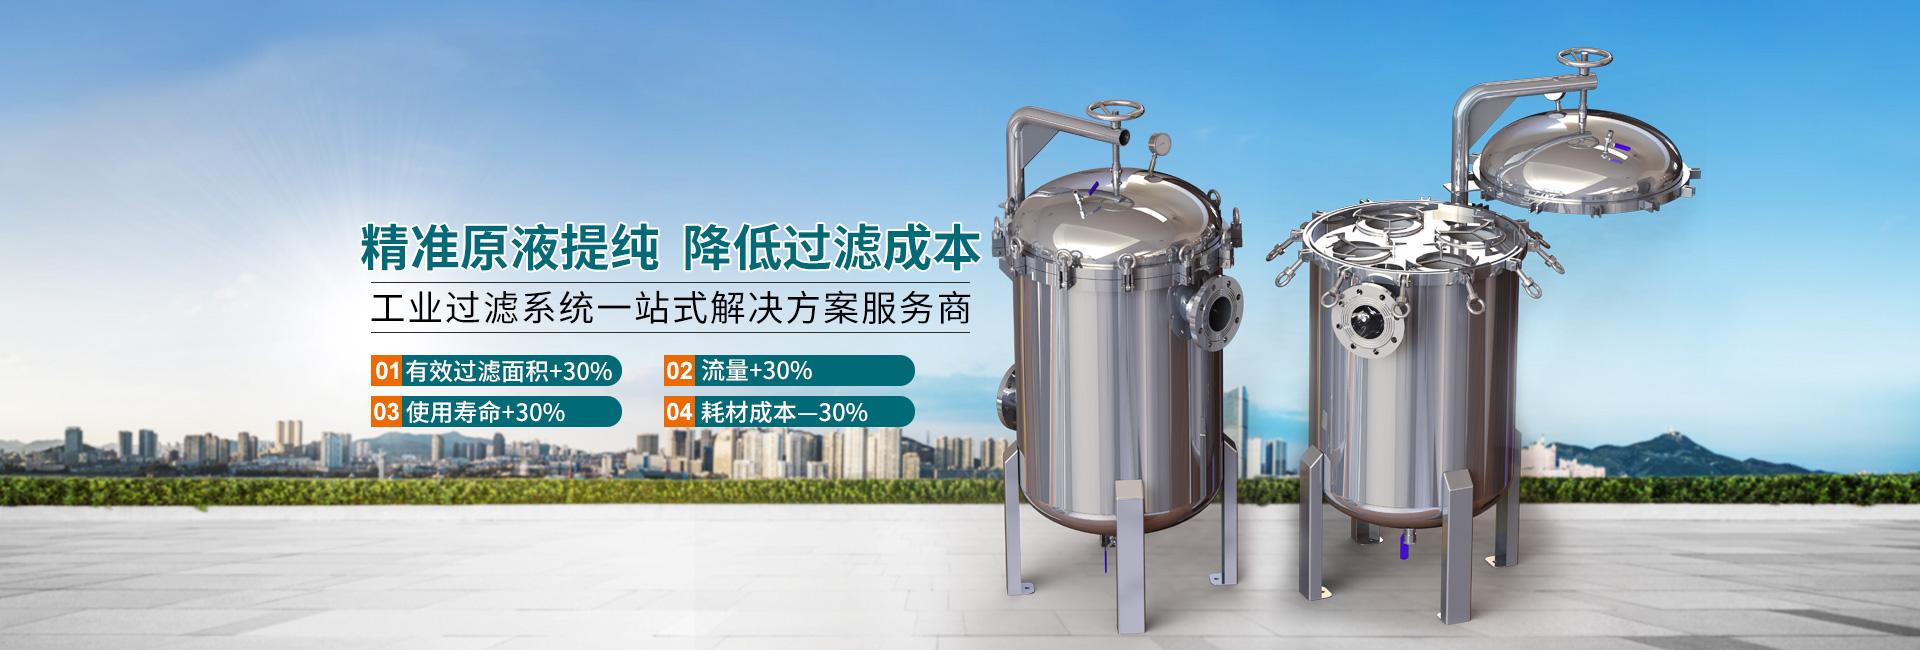 精準原液提純,降低過濾成本